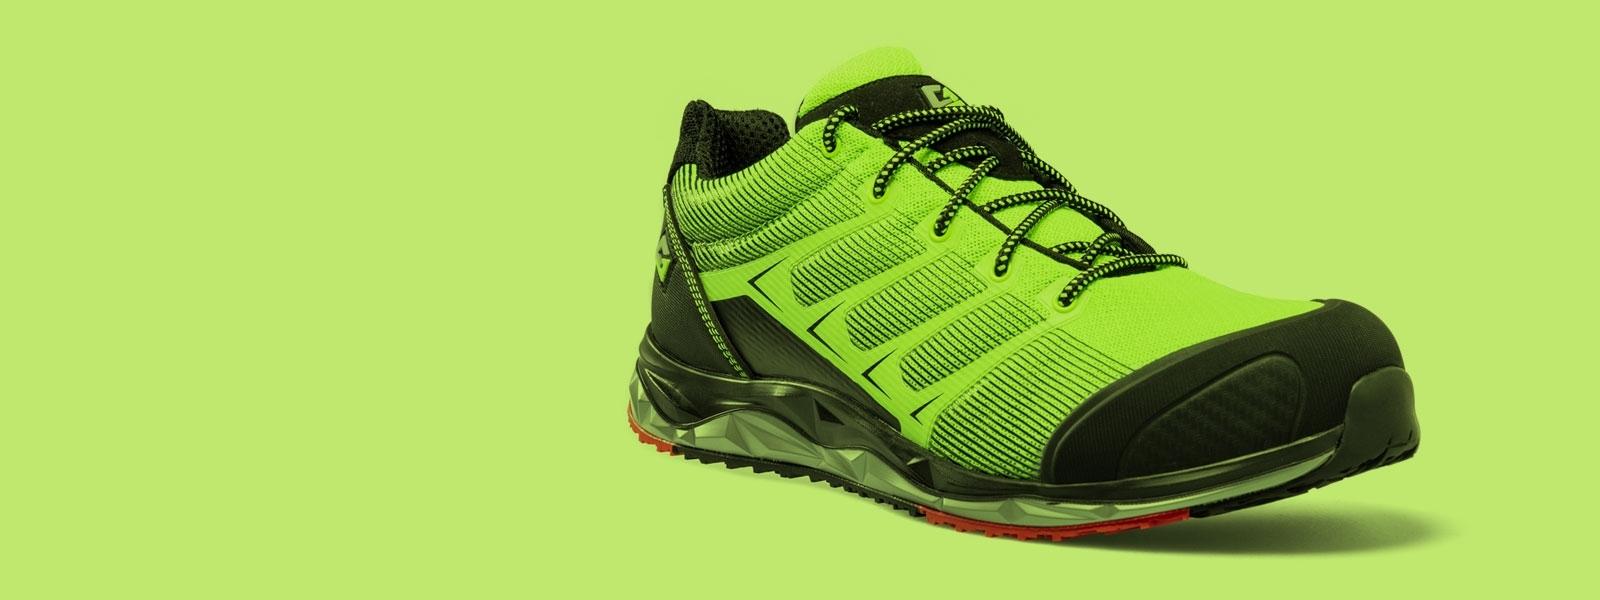 Pyramid scarpe antinfortunistiche S1P S3 comode e confortevoli